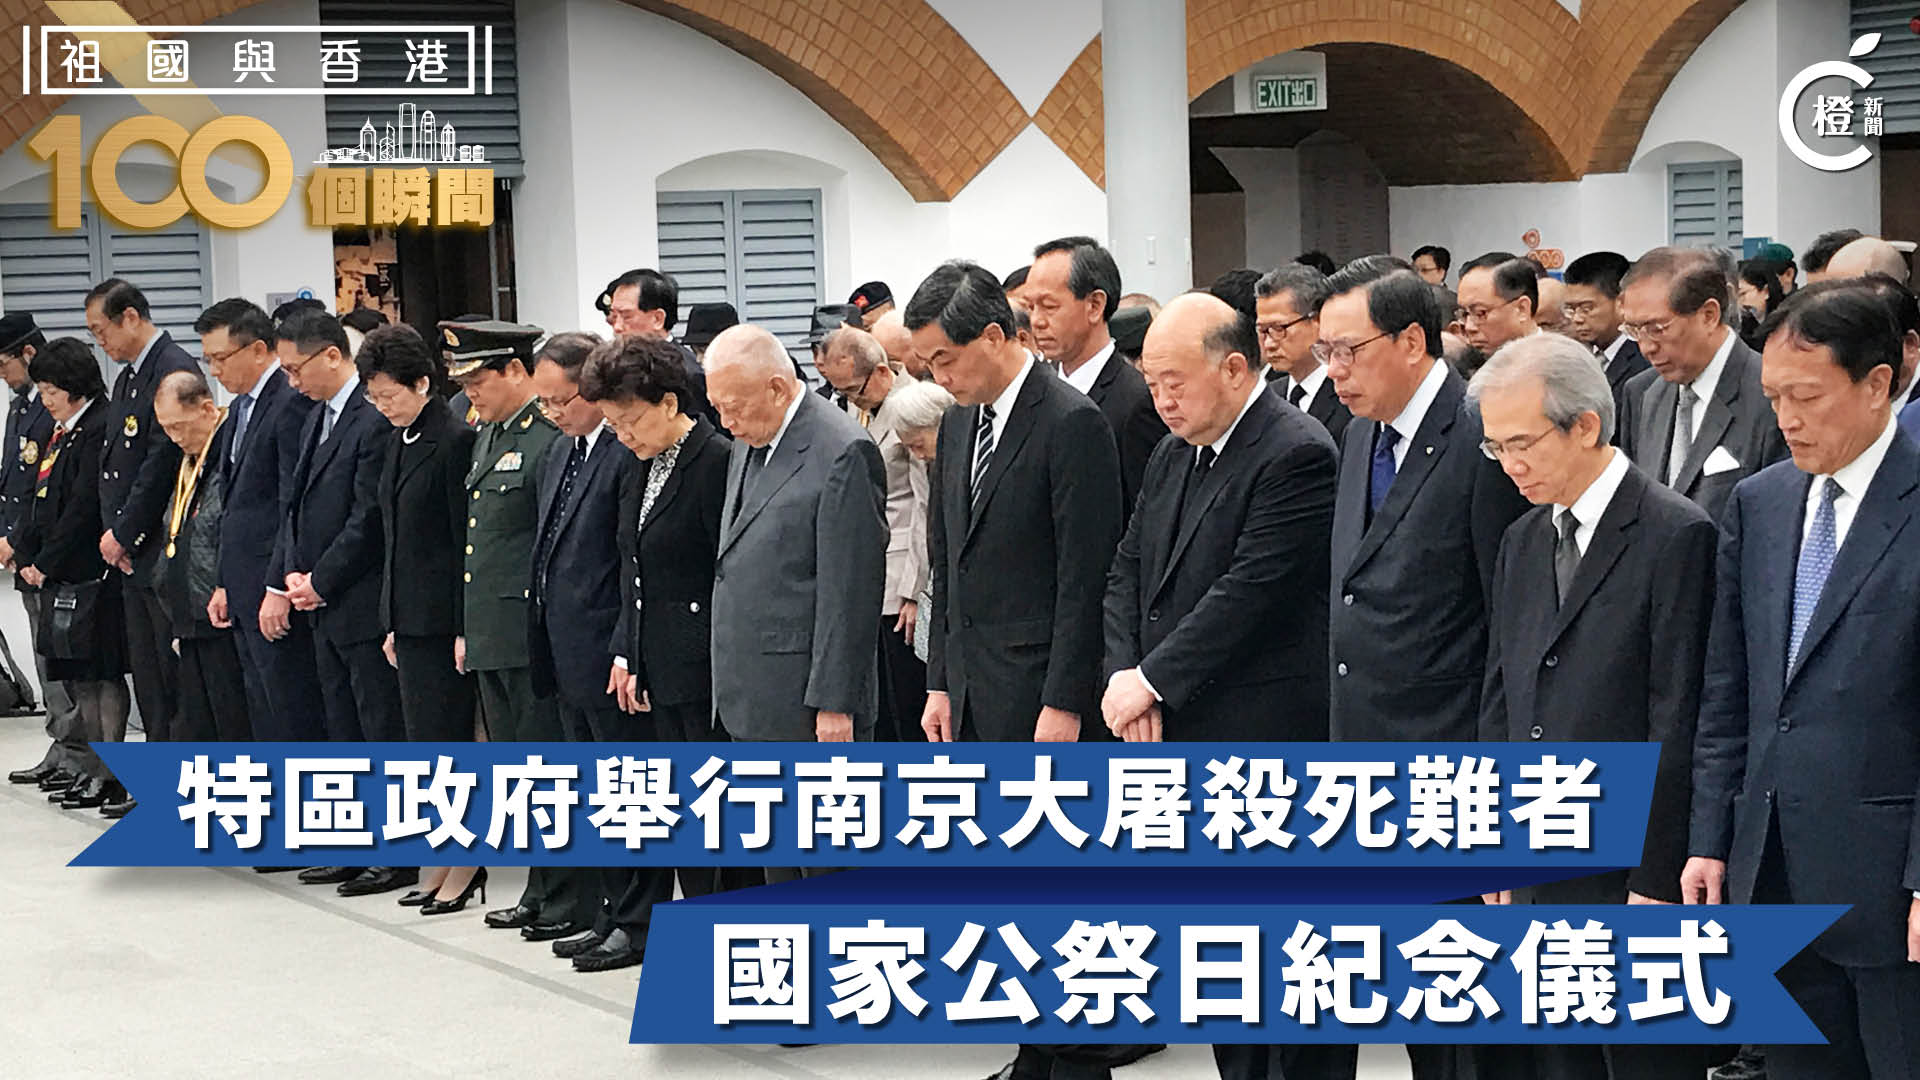 【祖國與香港100個瞬間】香港首次舉行南京大屠殺死難者國家公祭日紀念儀式